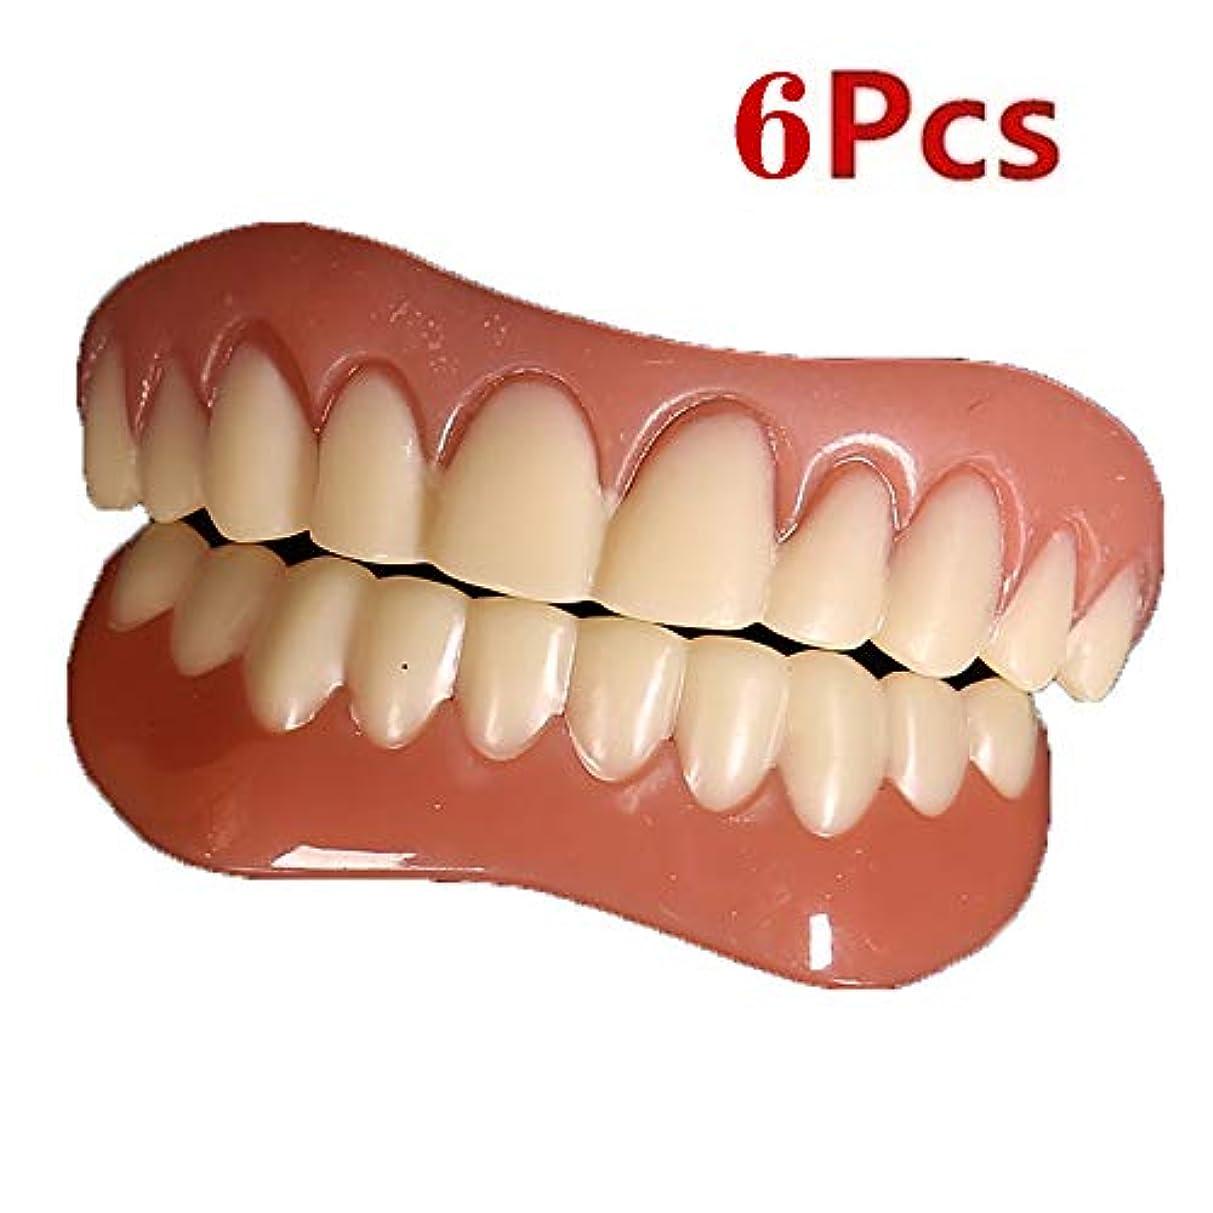 マント飛躍不機嫌6本の歯科用ベニヤの快適さフィット歯のトップ化粧品のベニヤワンサイズはすべての義歯の接着剤の歯偽義歯の歯にフィット